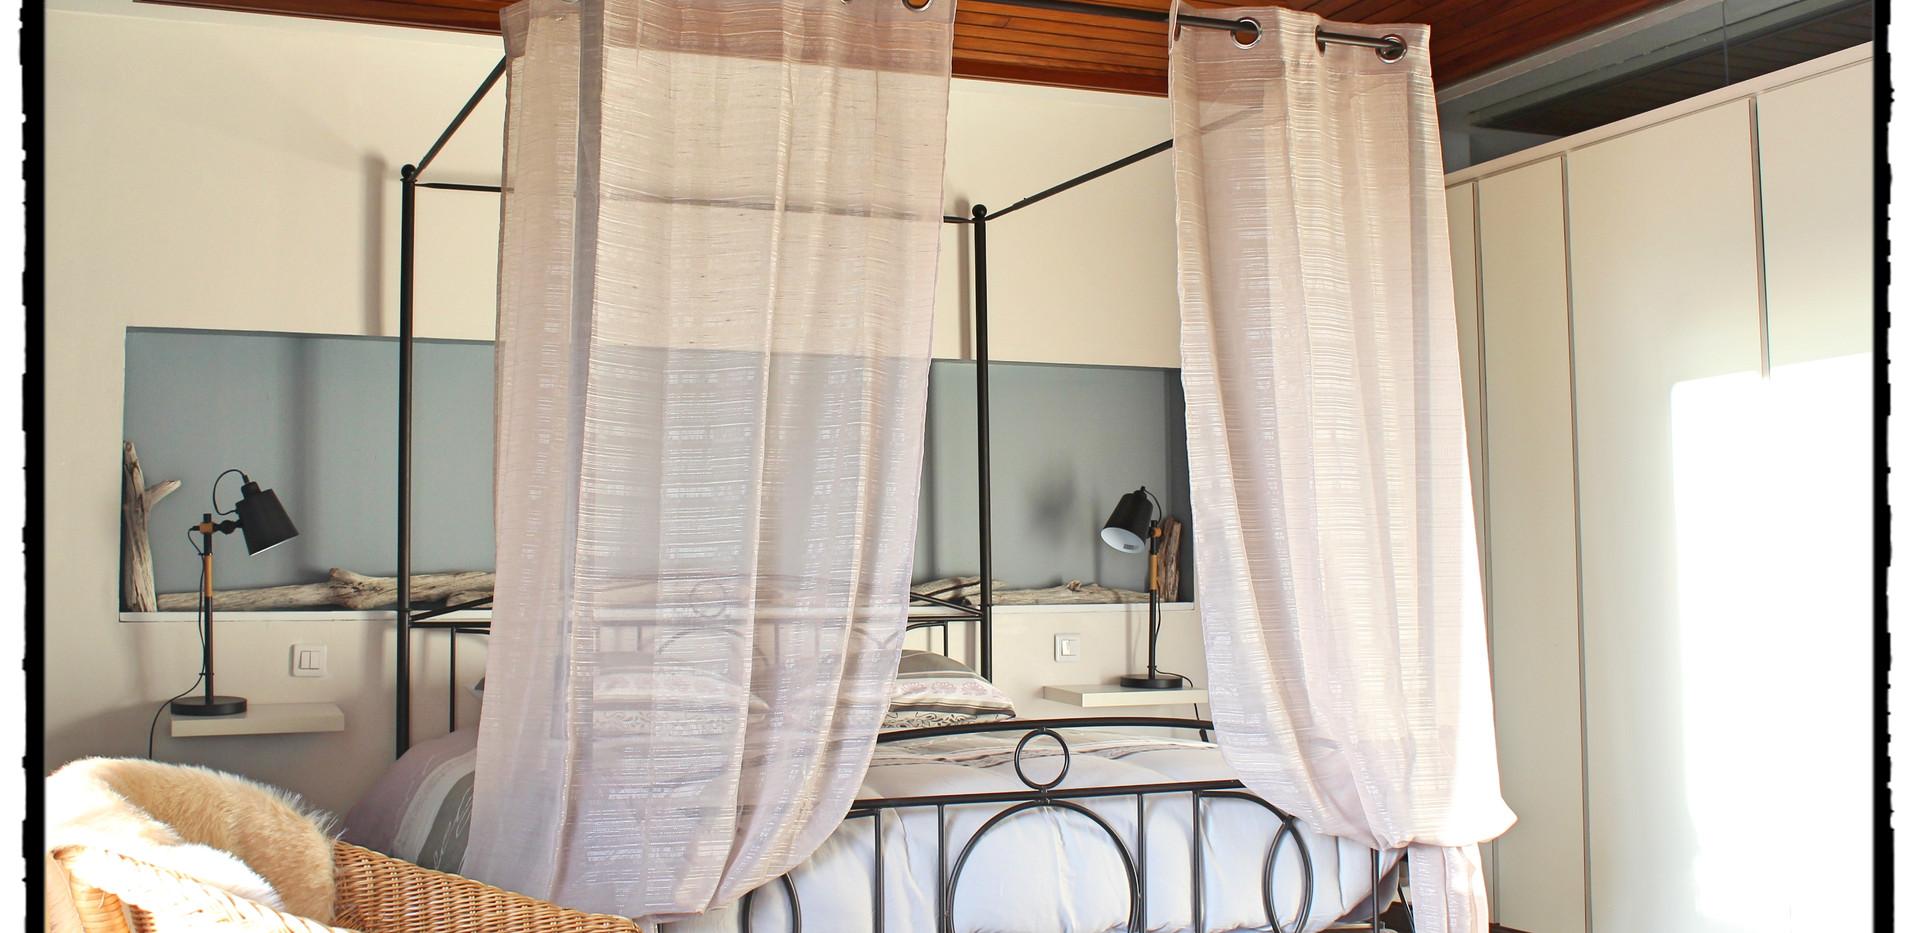 Découvrez La Suite du Off, Chambre d'Hôtes de Charme, Avignon